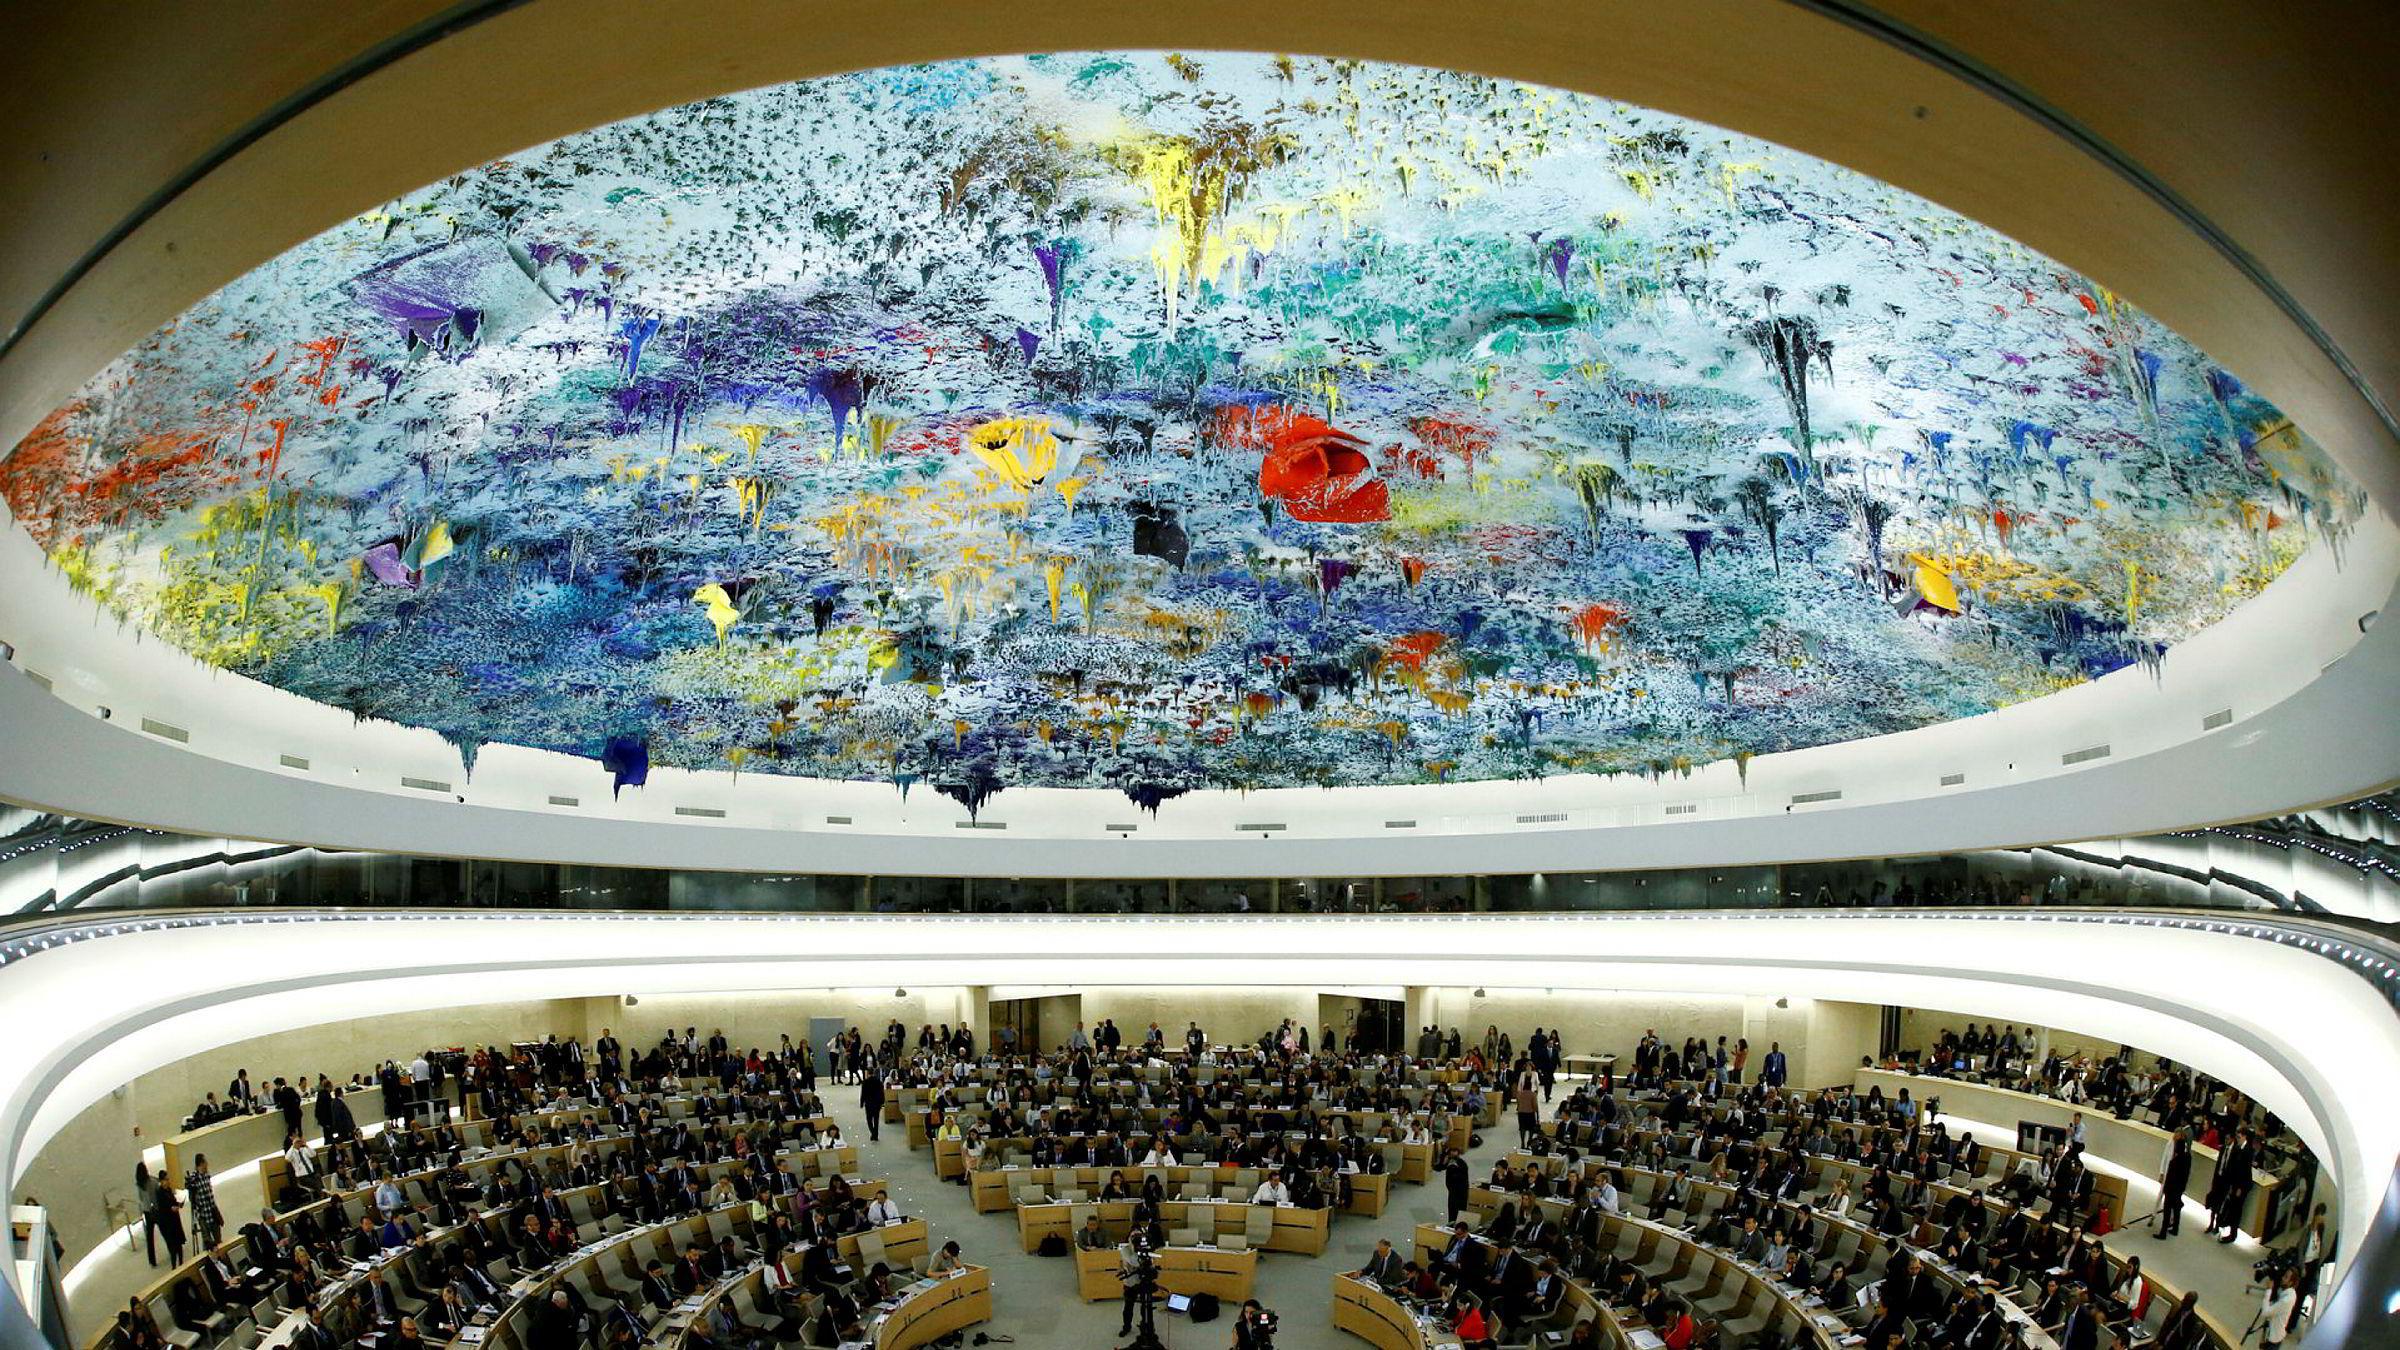 I FNs menneskerettighetsråd synes det åpenbart at menneskerettighetene ikke er hevet over politikk, skriver forfatteren. Her fra hovedkontoret til FNs menneskerettighetsråd i Genève, Sveits.